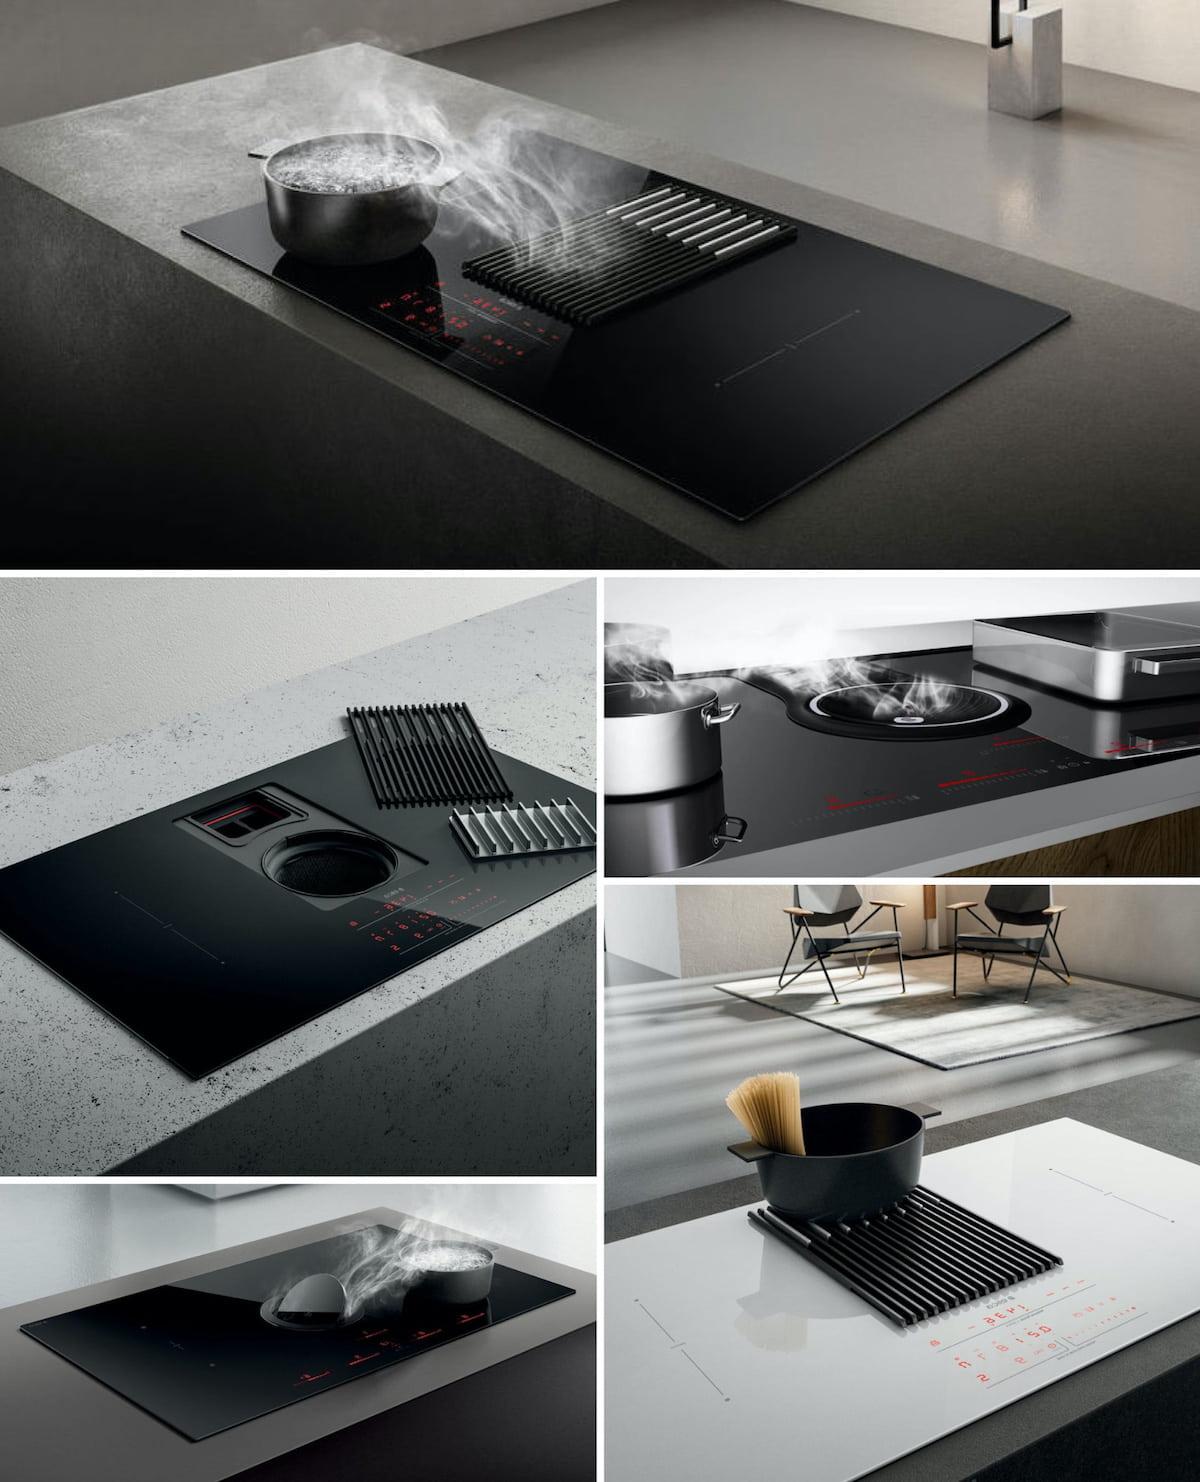 Table de cuisson avec hotte aspirante intégrée